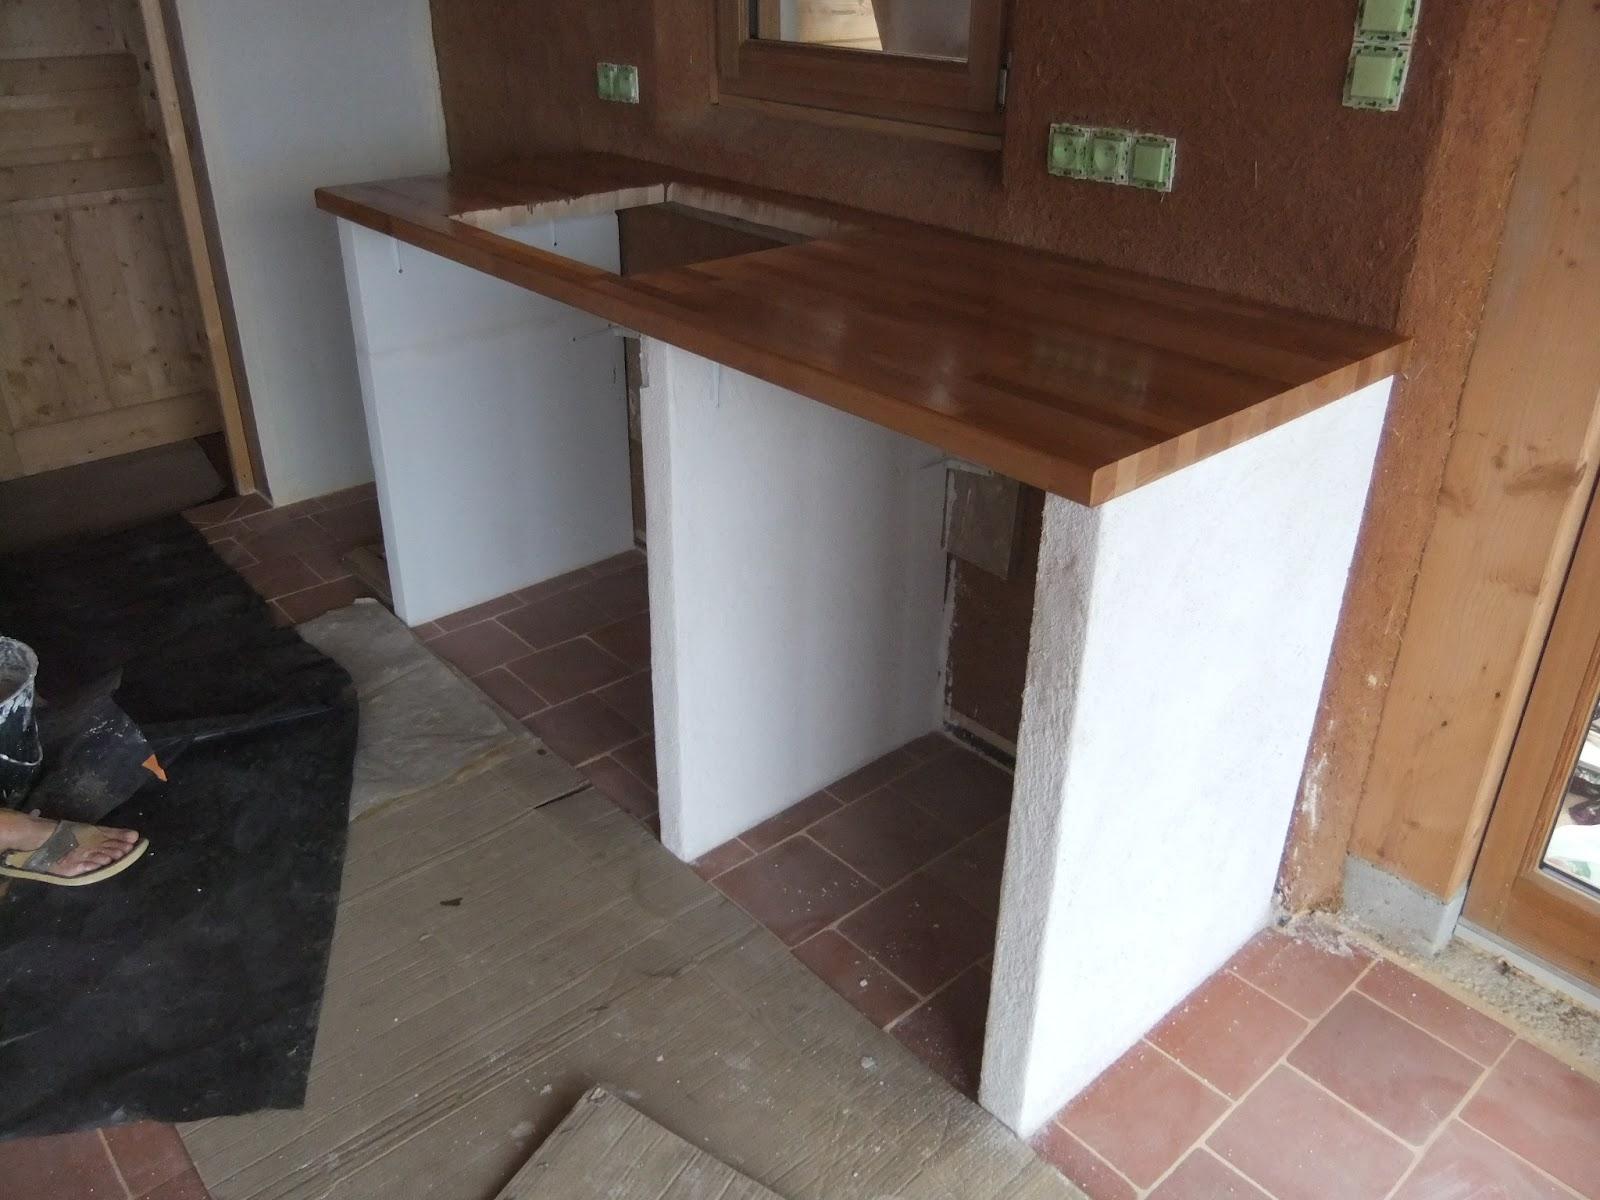 Fixer plan de travail beton cellulaire livraison - Meuble beton cellulaire ...